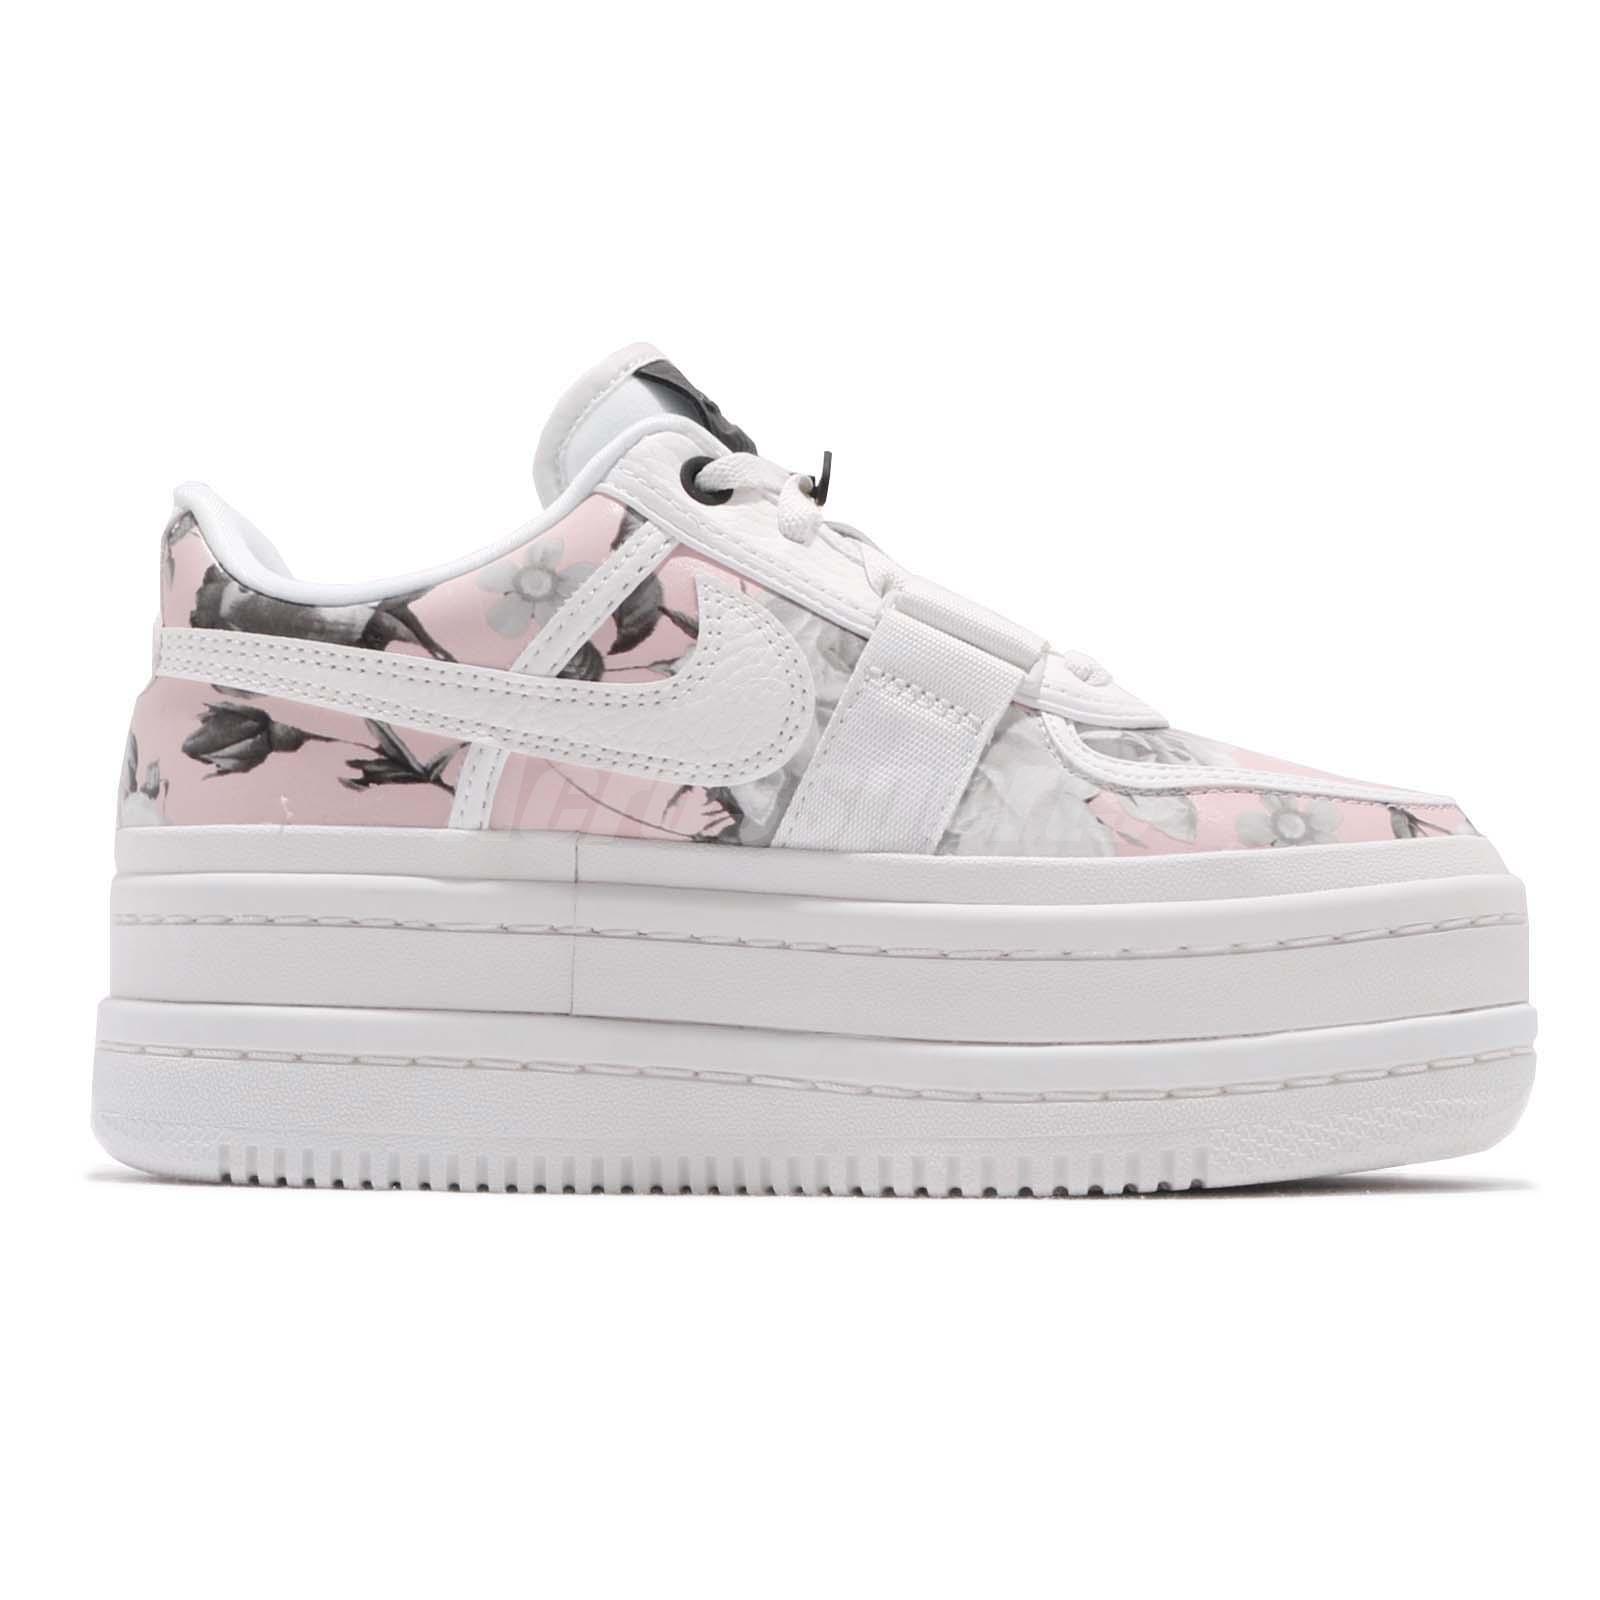 2fdea5821e5 Nike Wmns Vandal 2K LX Floral White Women Platform Casual Shoes ...